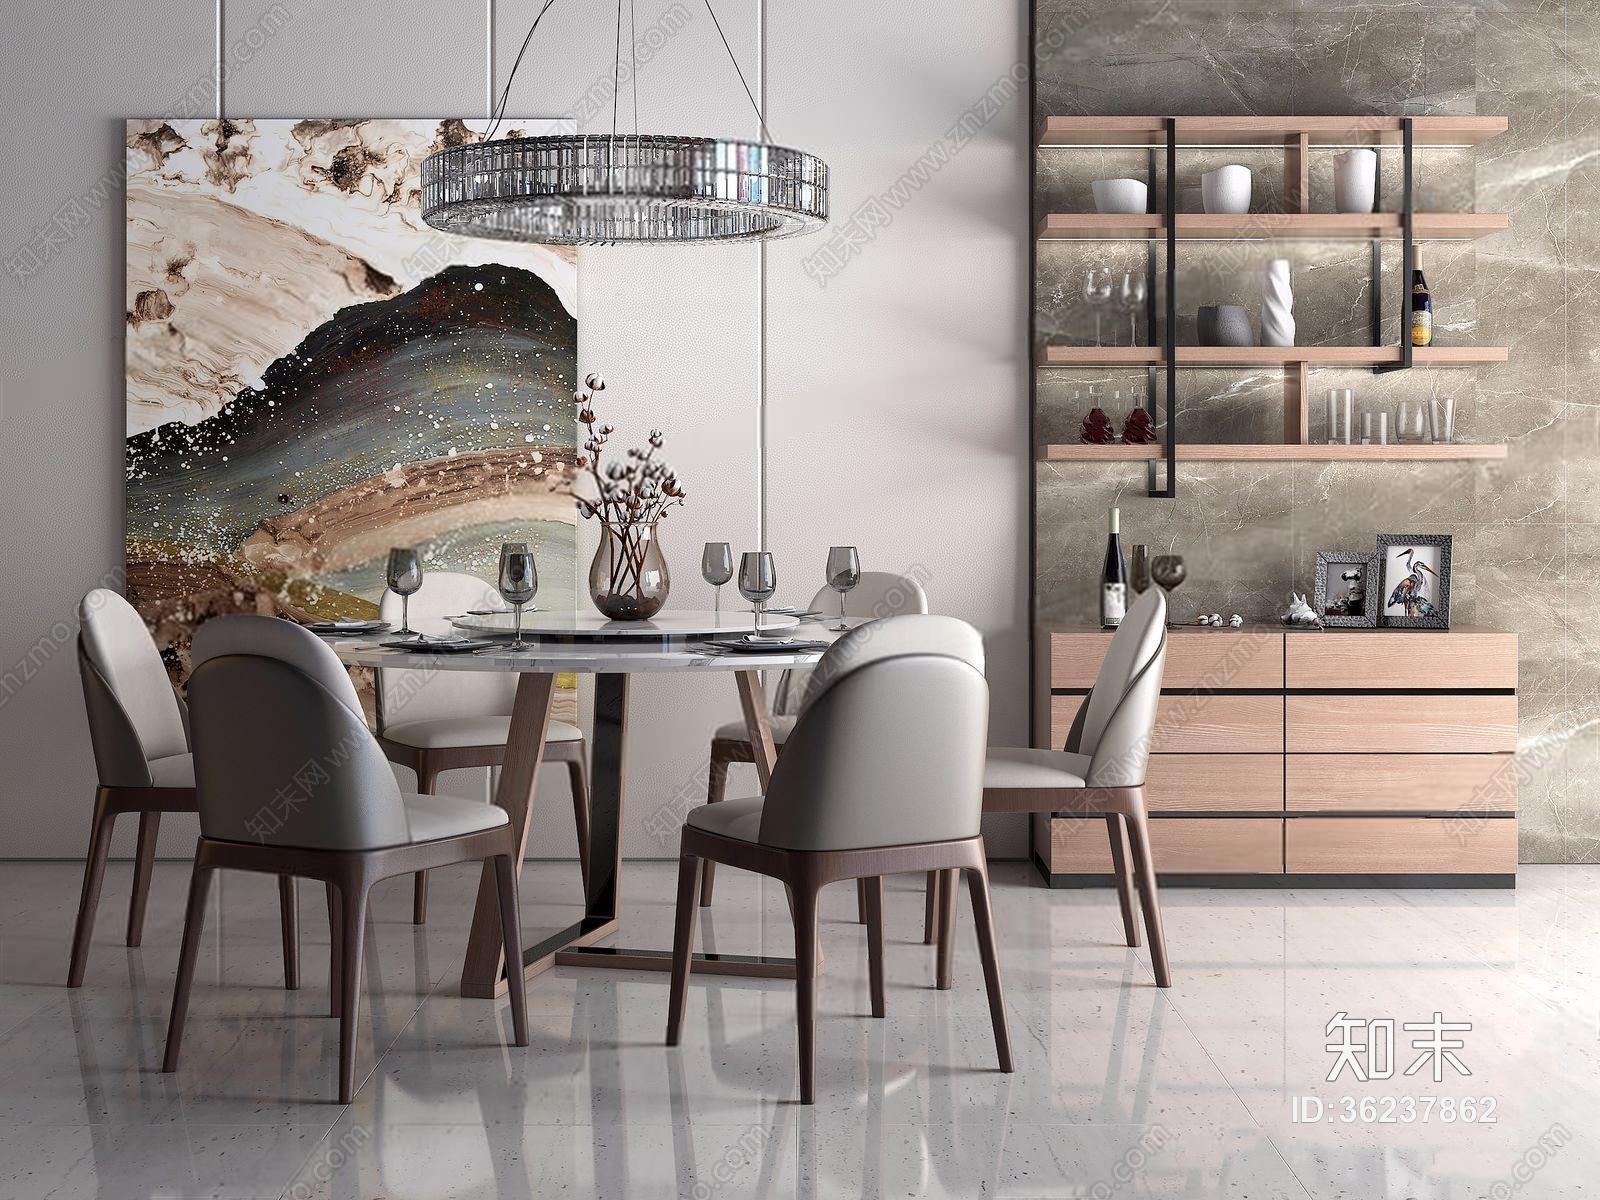 现代餐桌椅装饰柜组合 现代桌椅组合 餐边柜 水晶吊灯 挂画 摆件 餐具 圆餐桌 转盘餐桌 椅子 餐桌椅组合